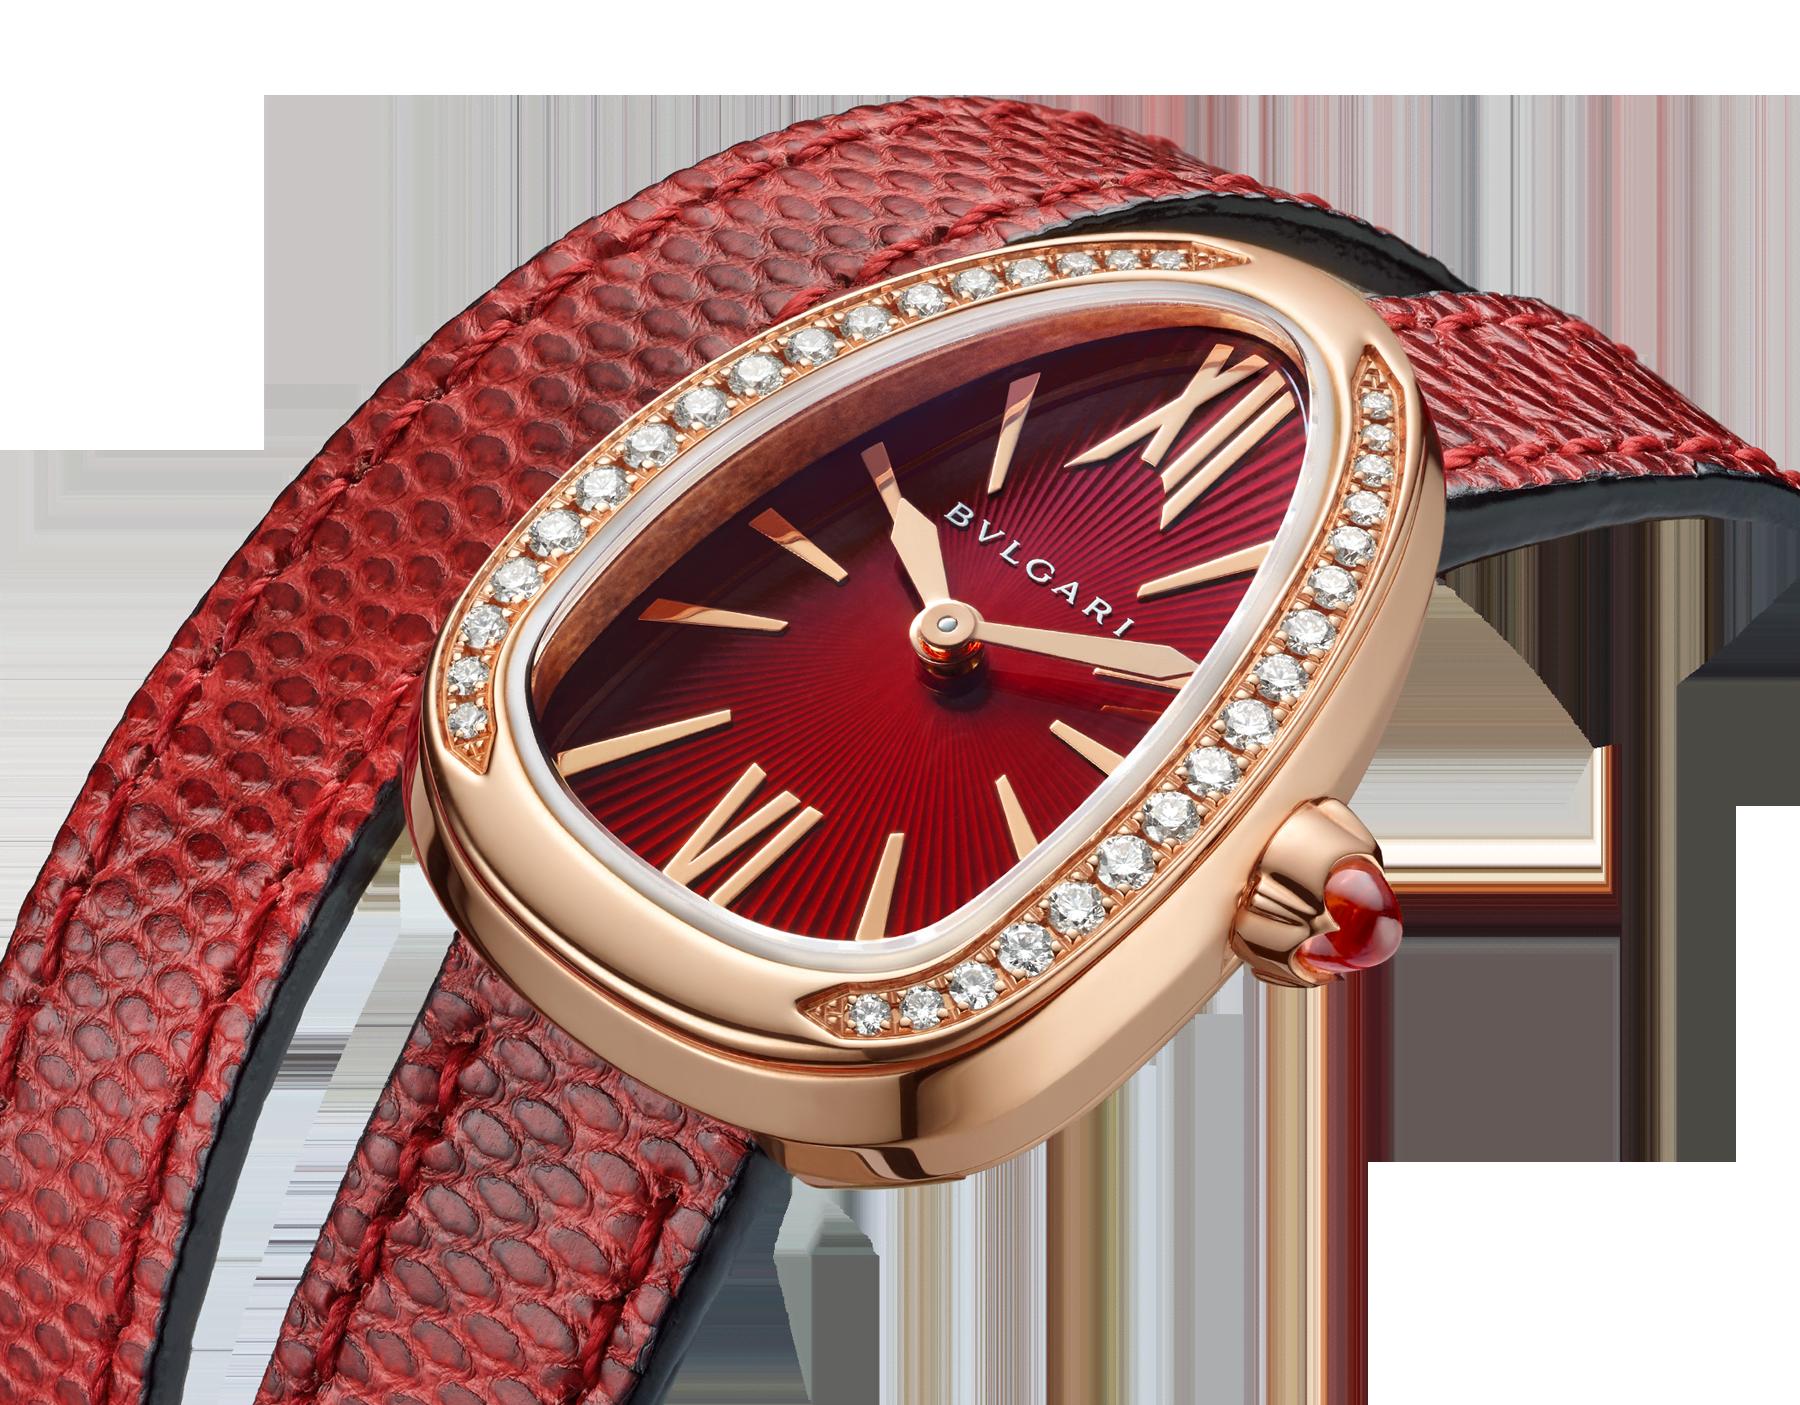 Montre Serpenti avec boîtier en or rose 18K serti de diamants taille brillant, cadran laqué rouge et bracelet double spirale interchangeable en cuir de karung rouge. 102730 image 3